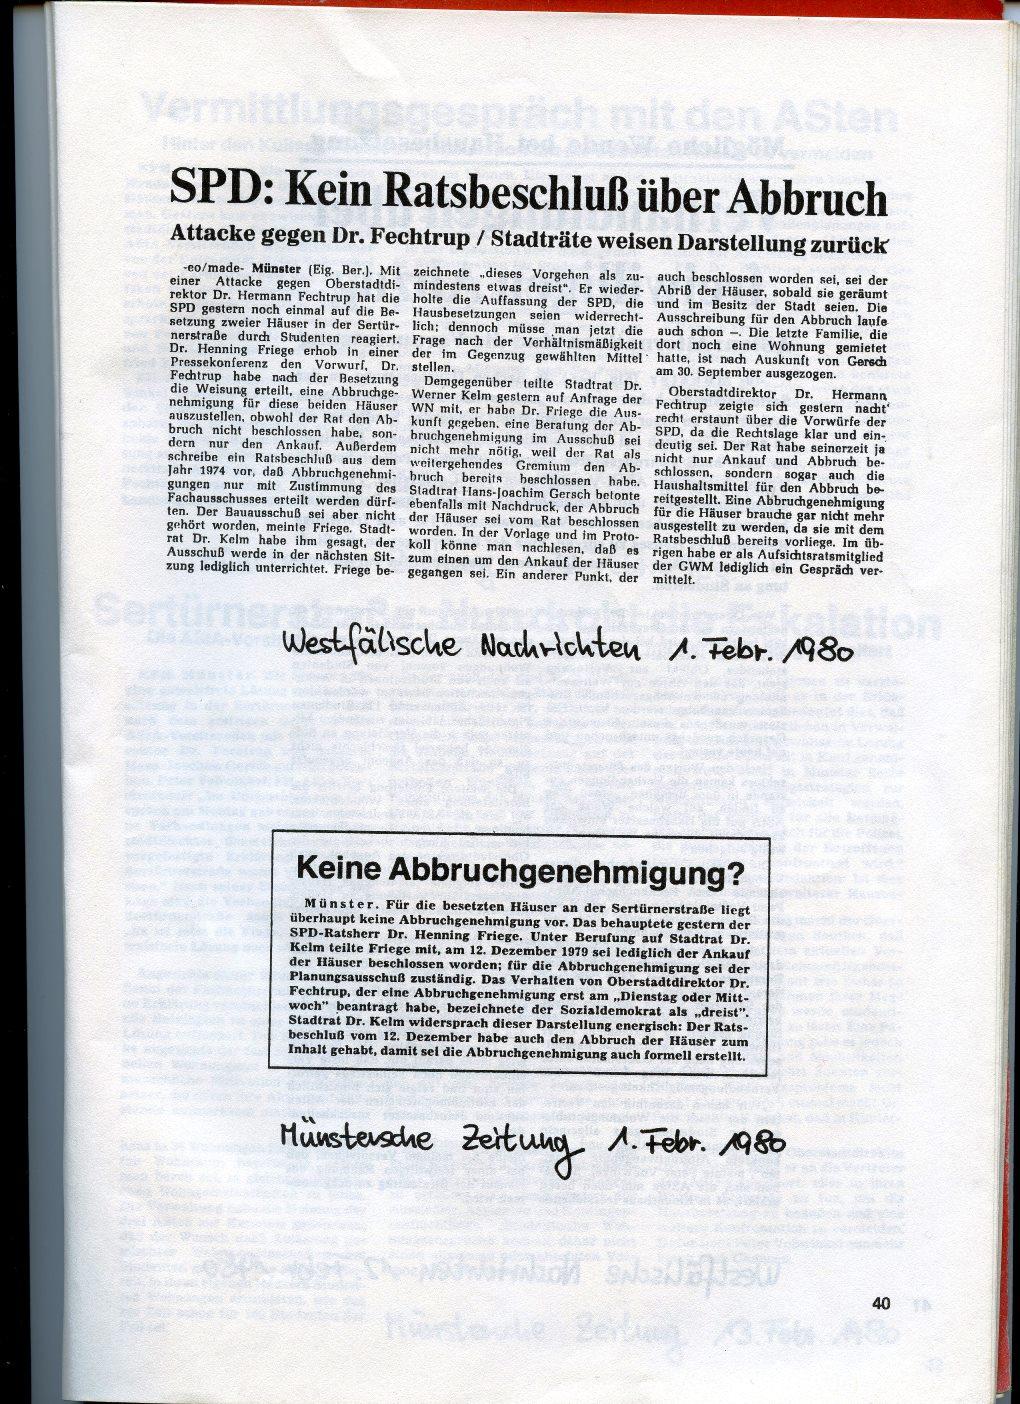 Muenster_Hausbesetzung_1980_41